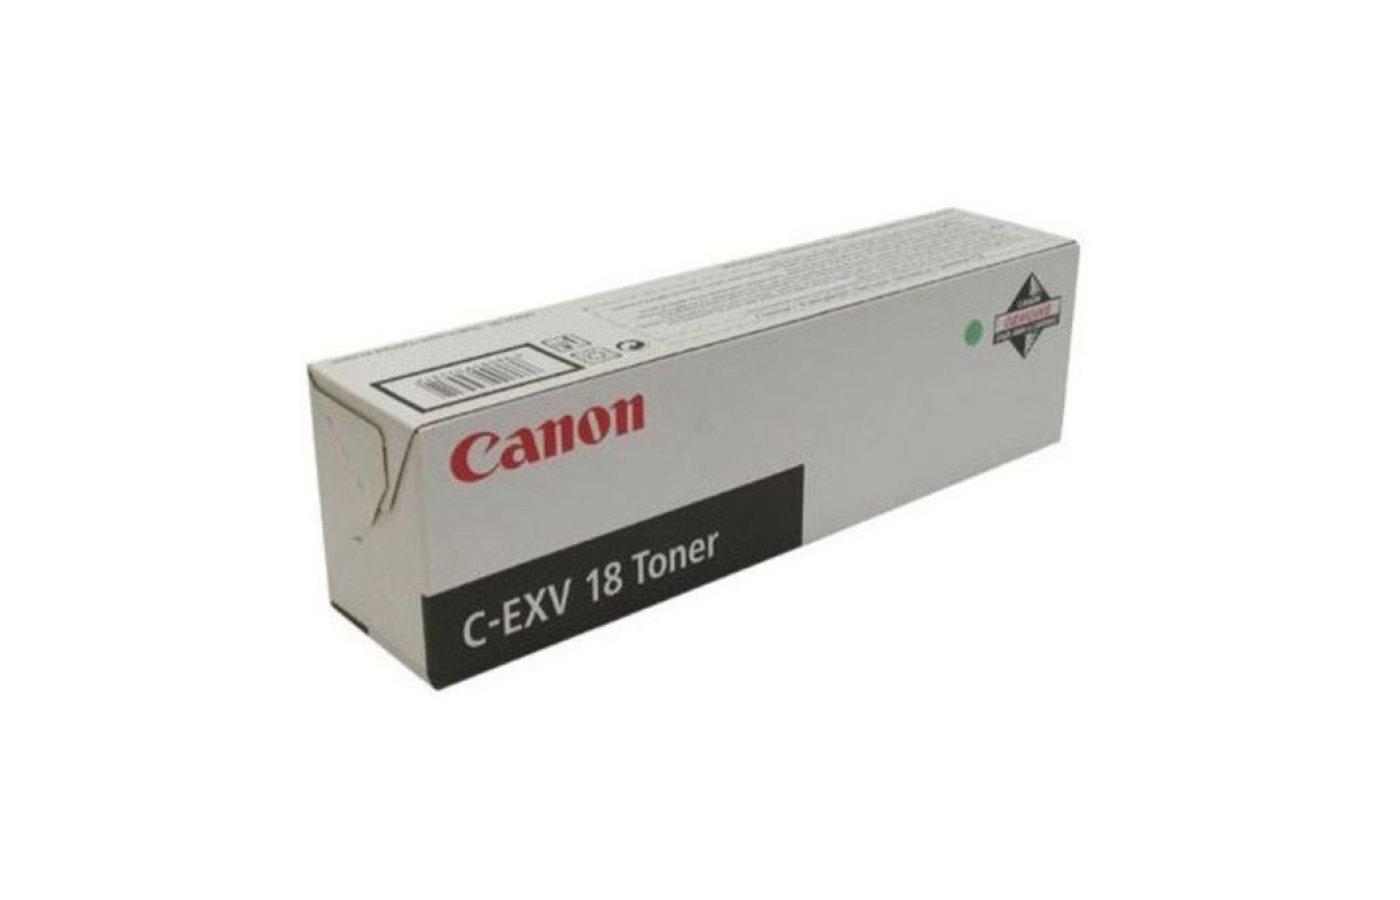 Картридж лазерный Canon C-EXV18 (GPR-22) 0386B002 черный туба 465гр. для копира iR1018/1022